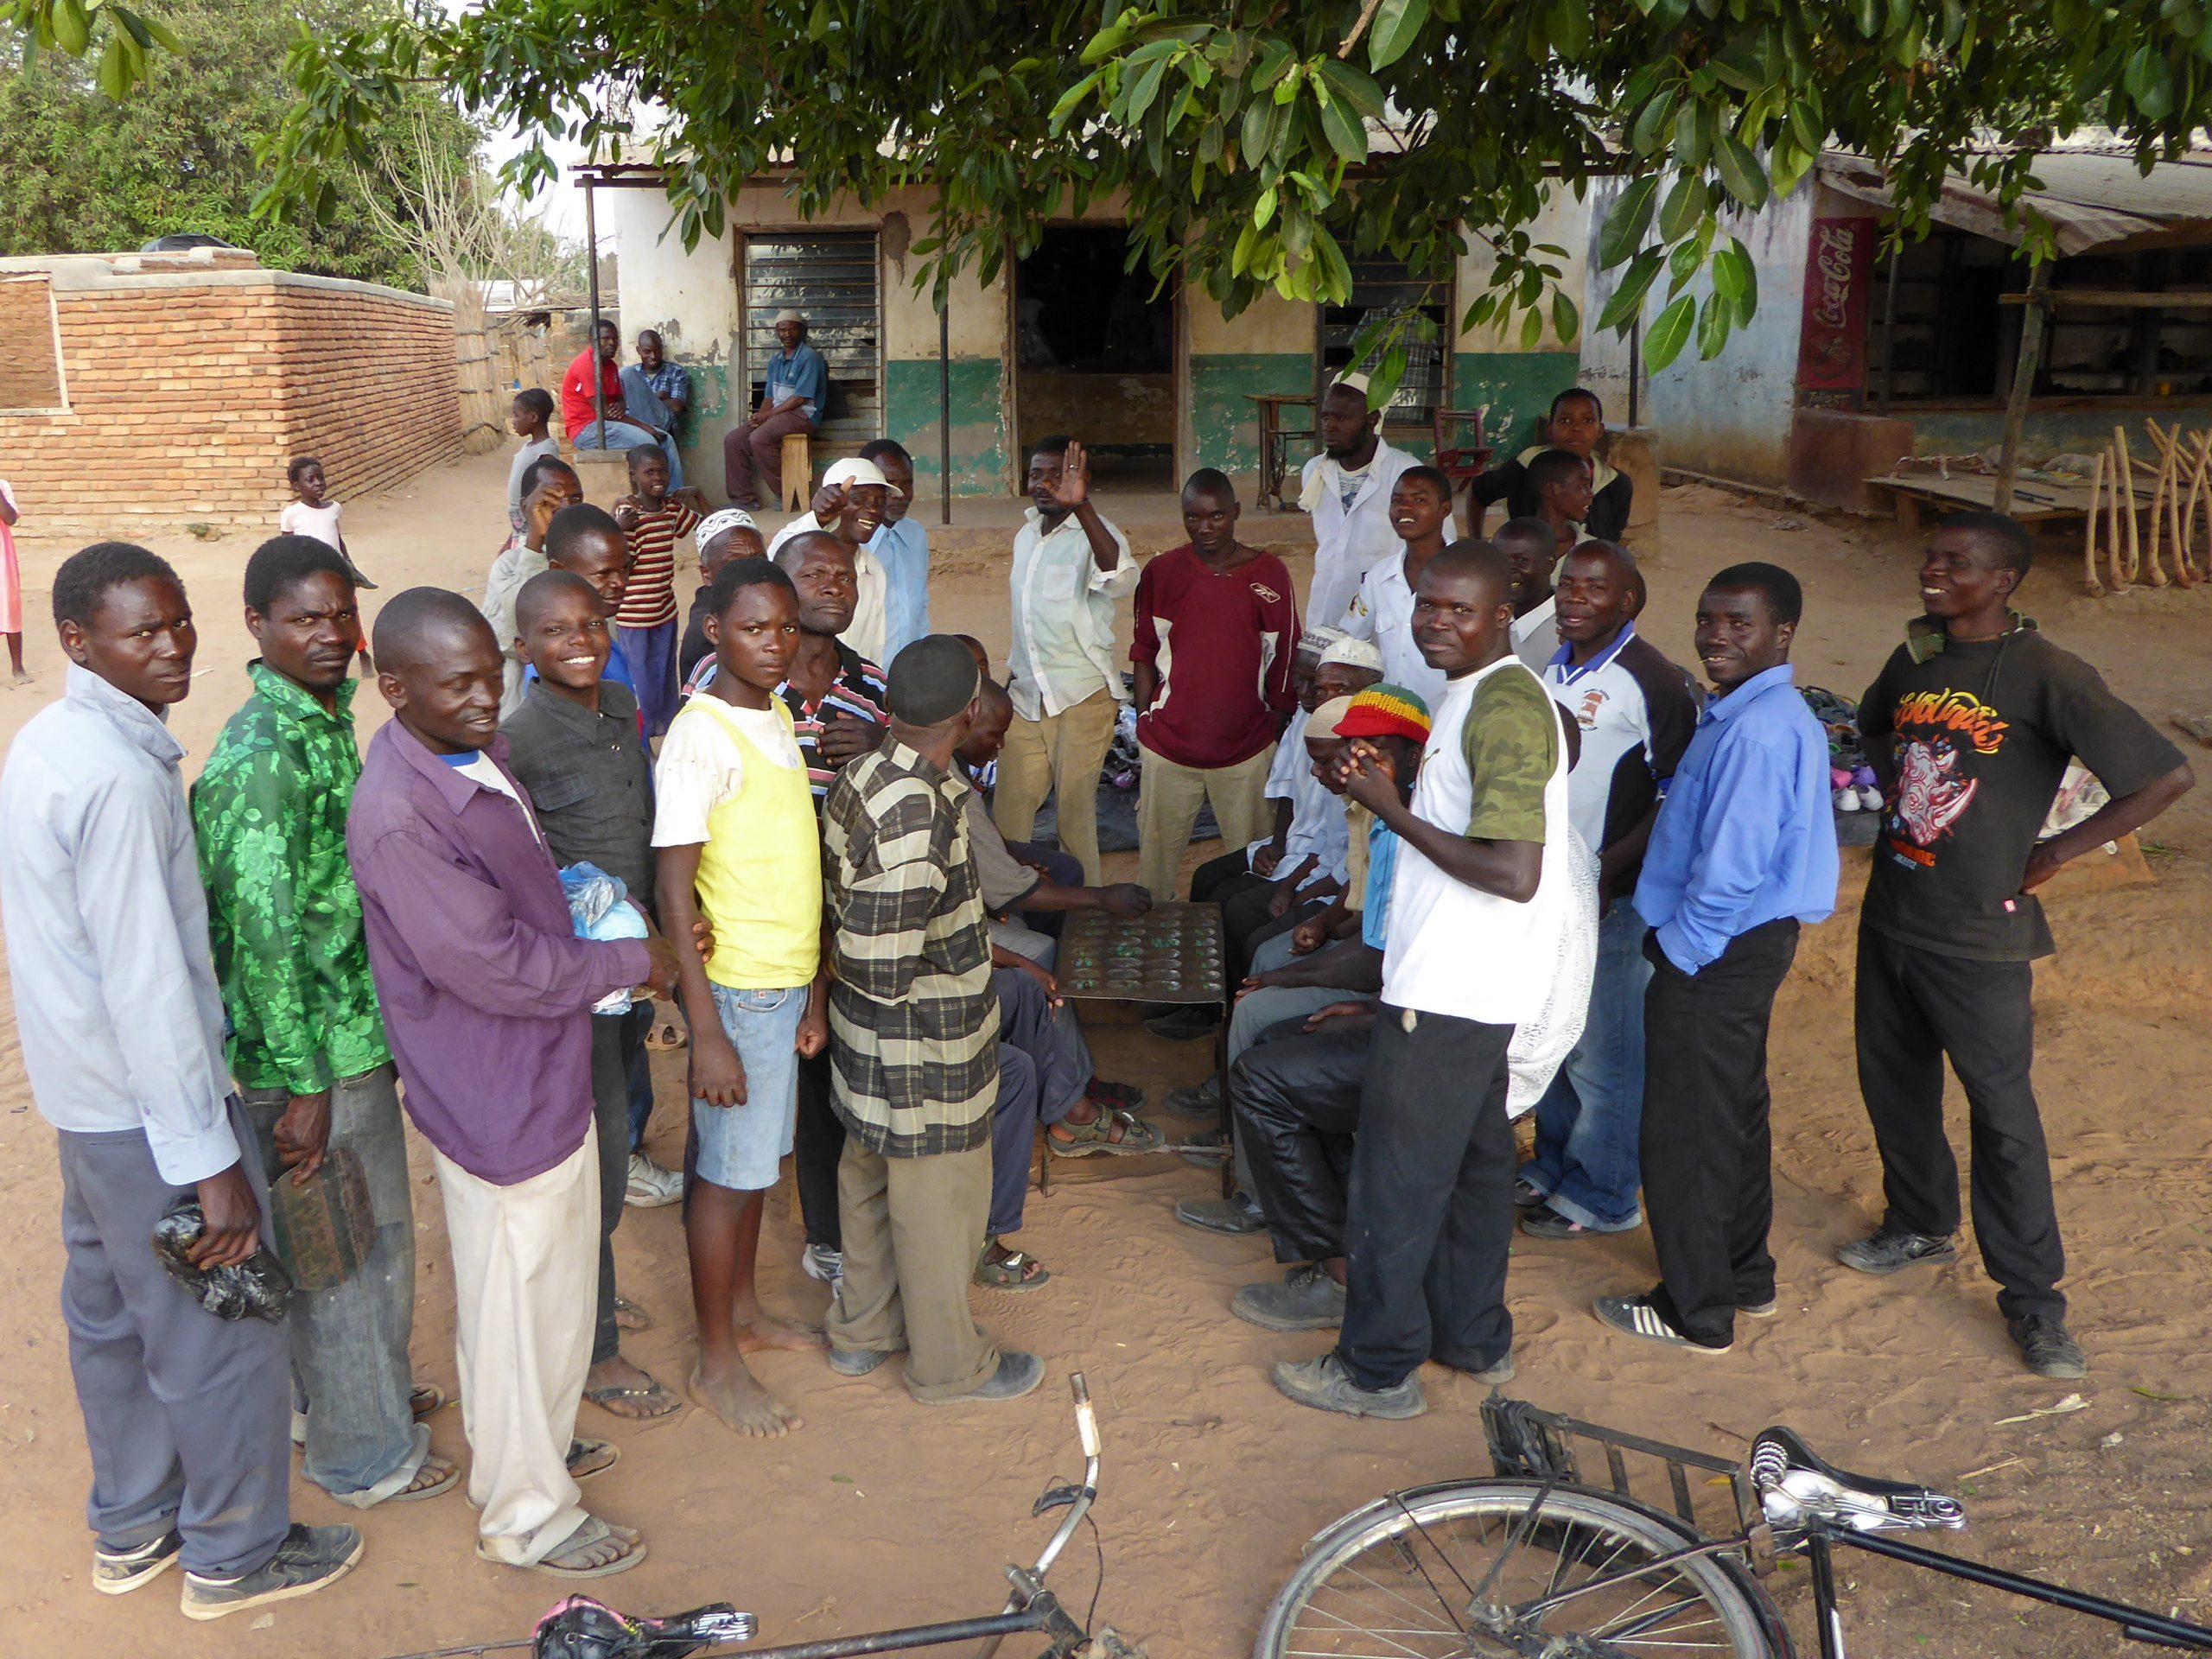 Radreise Afrika 2014 - Bao, ein Mancala-Spiel aus Afrika